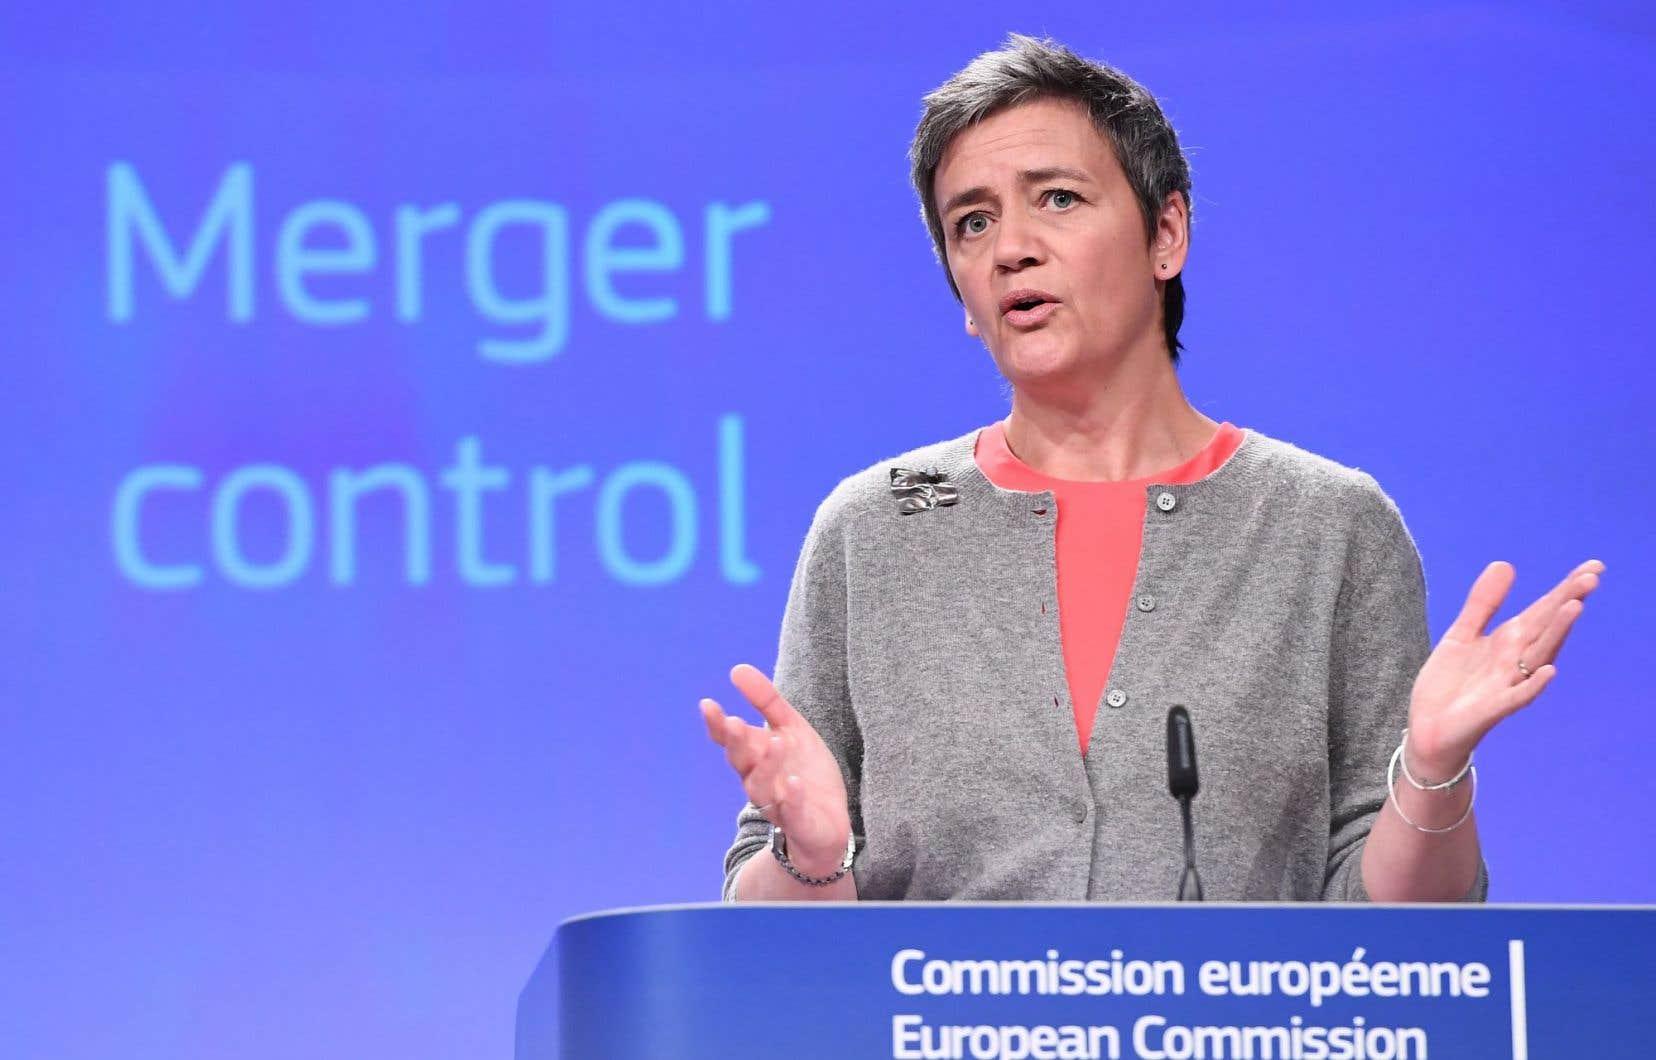 La Commissaire européenne à la Concurrence, Margrethe Vestager, a expliqué la décision de donner le feu vert à la fusion.